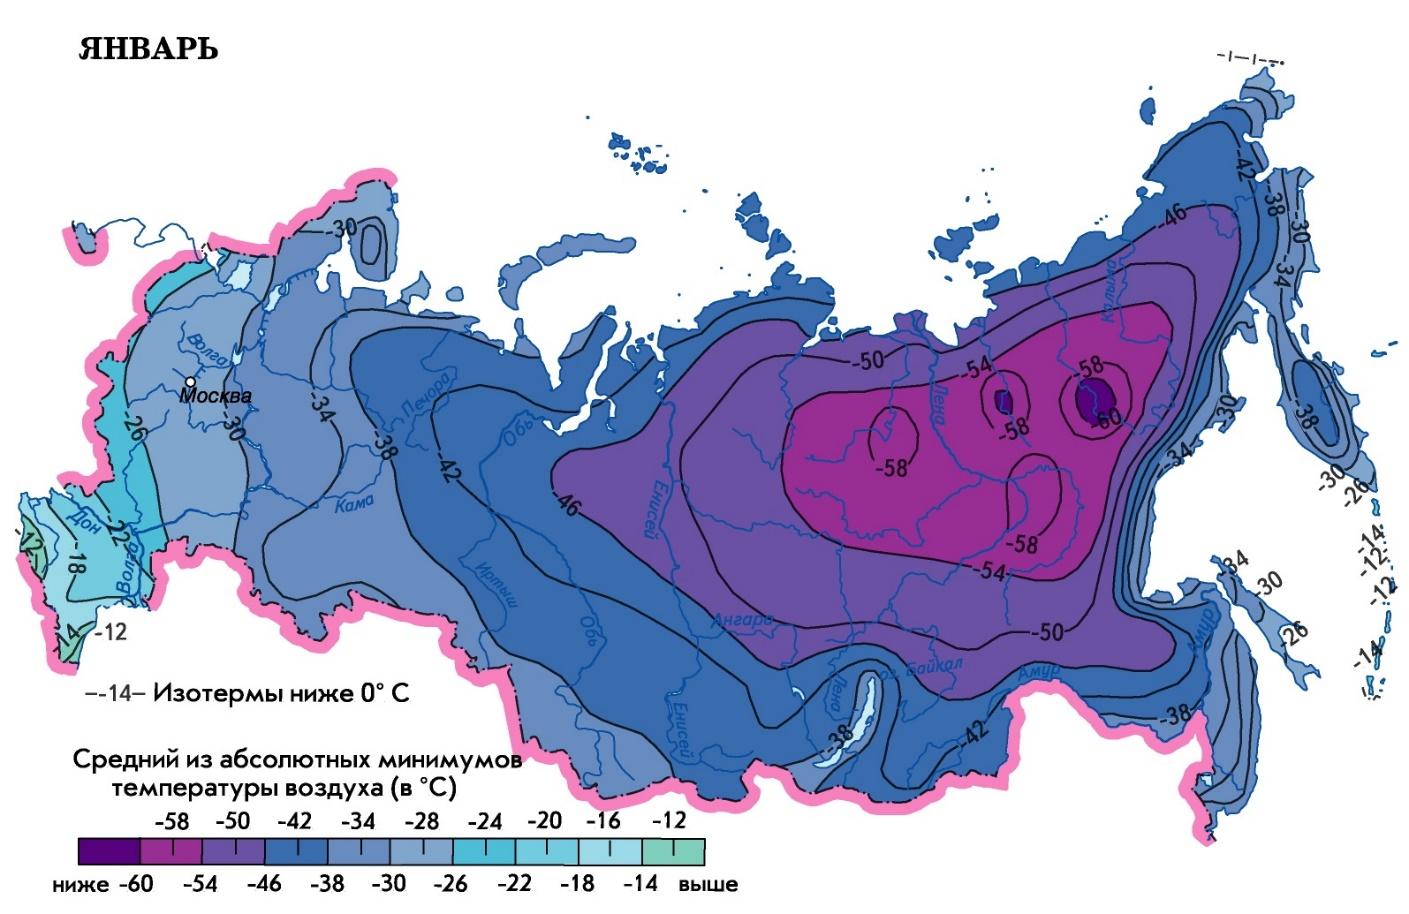 H:\_ЛАБ\ИЗМЕРЕНИЯ_ 2020\Климат\161_2 — копия.jpg